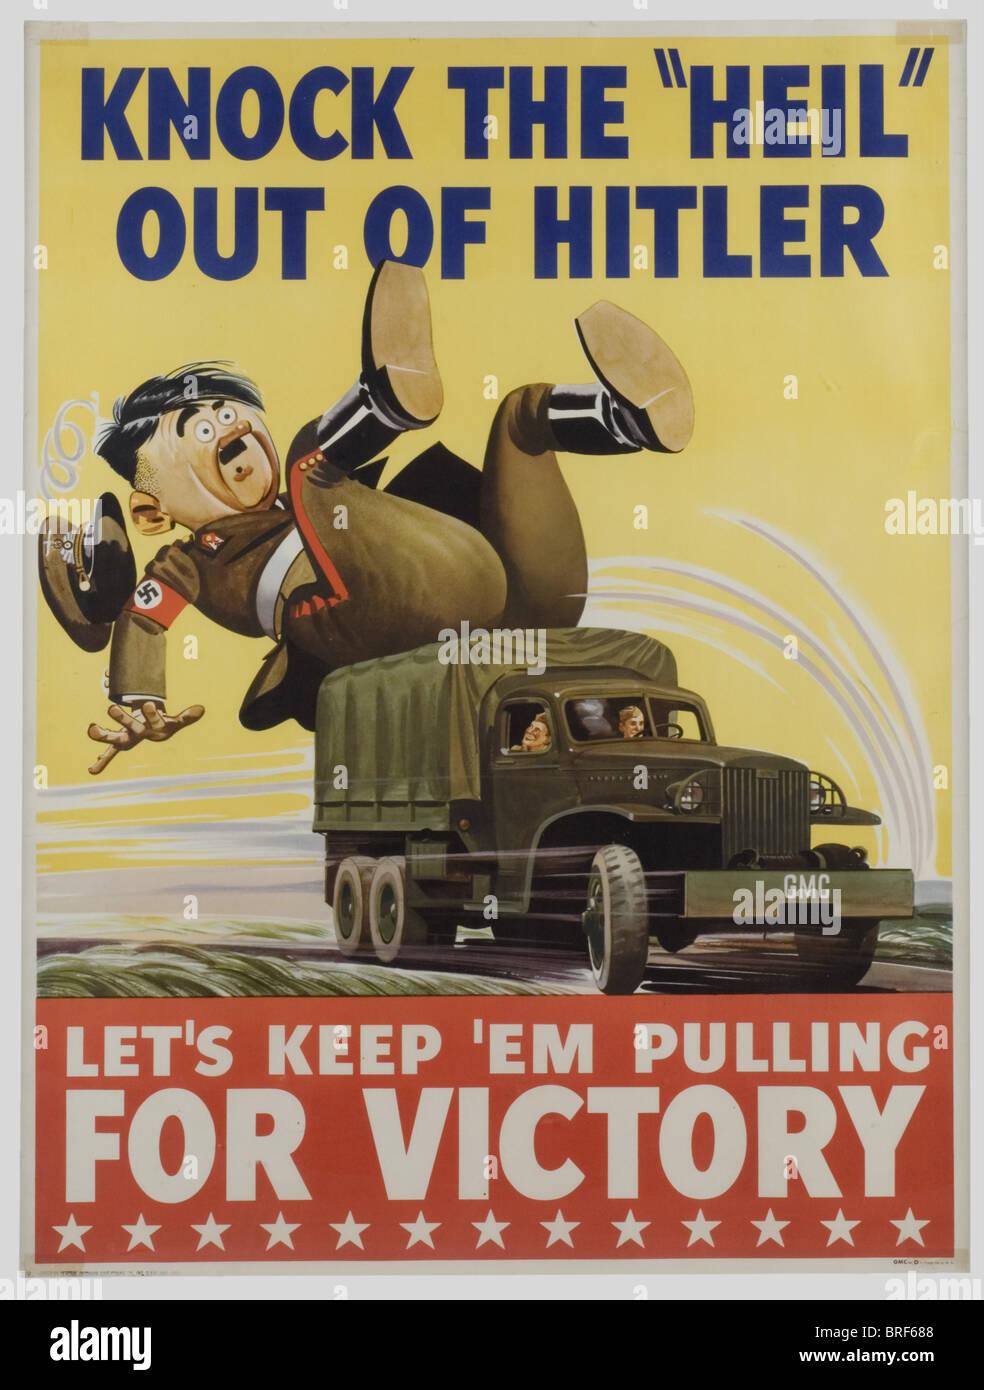 Ein US-Farbe-Poster, klopfen die Heil aus Hitler, Größe 120 x 82 cm ...